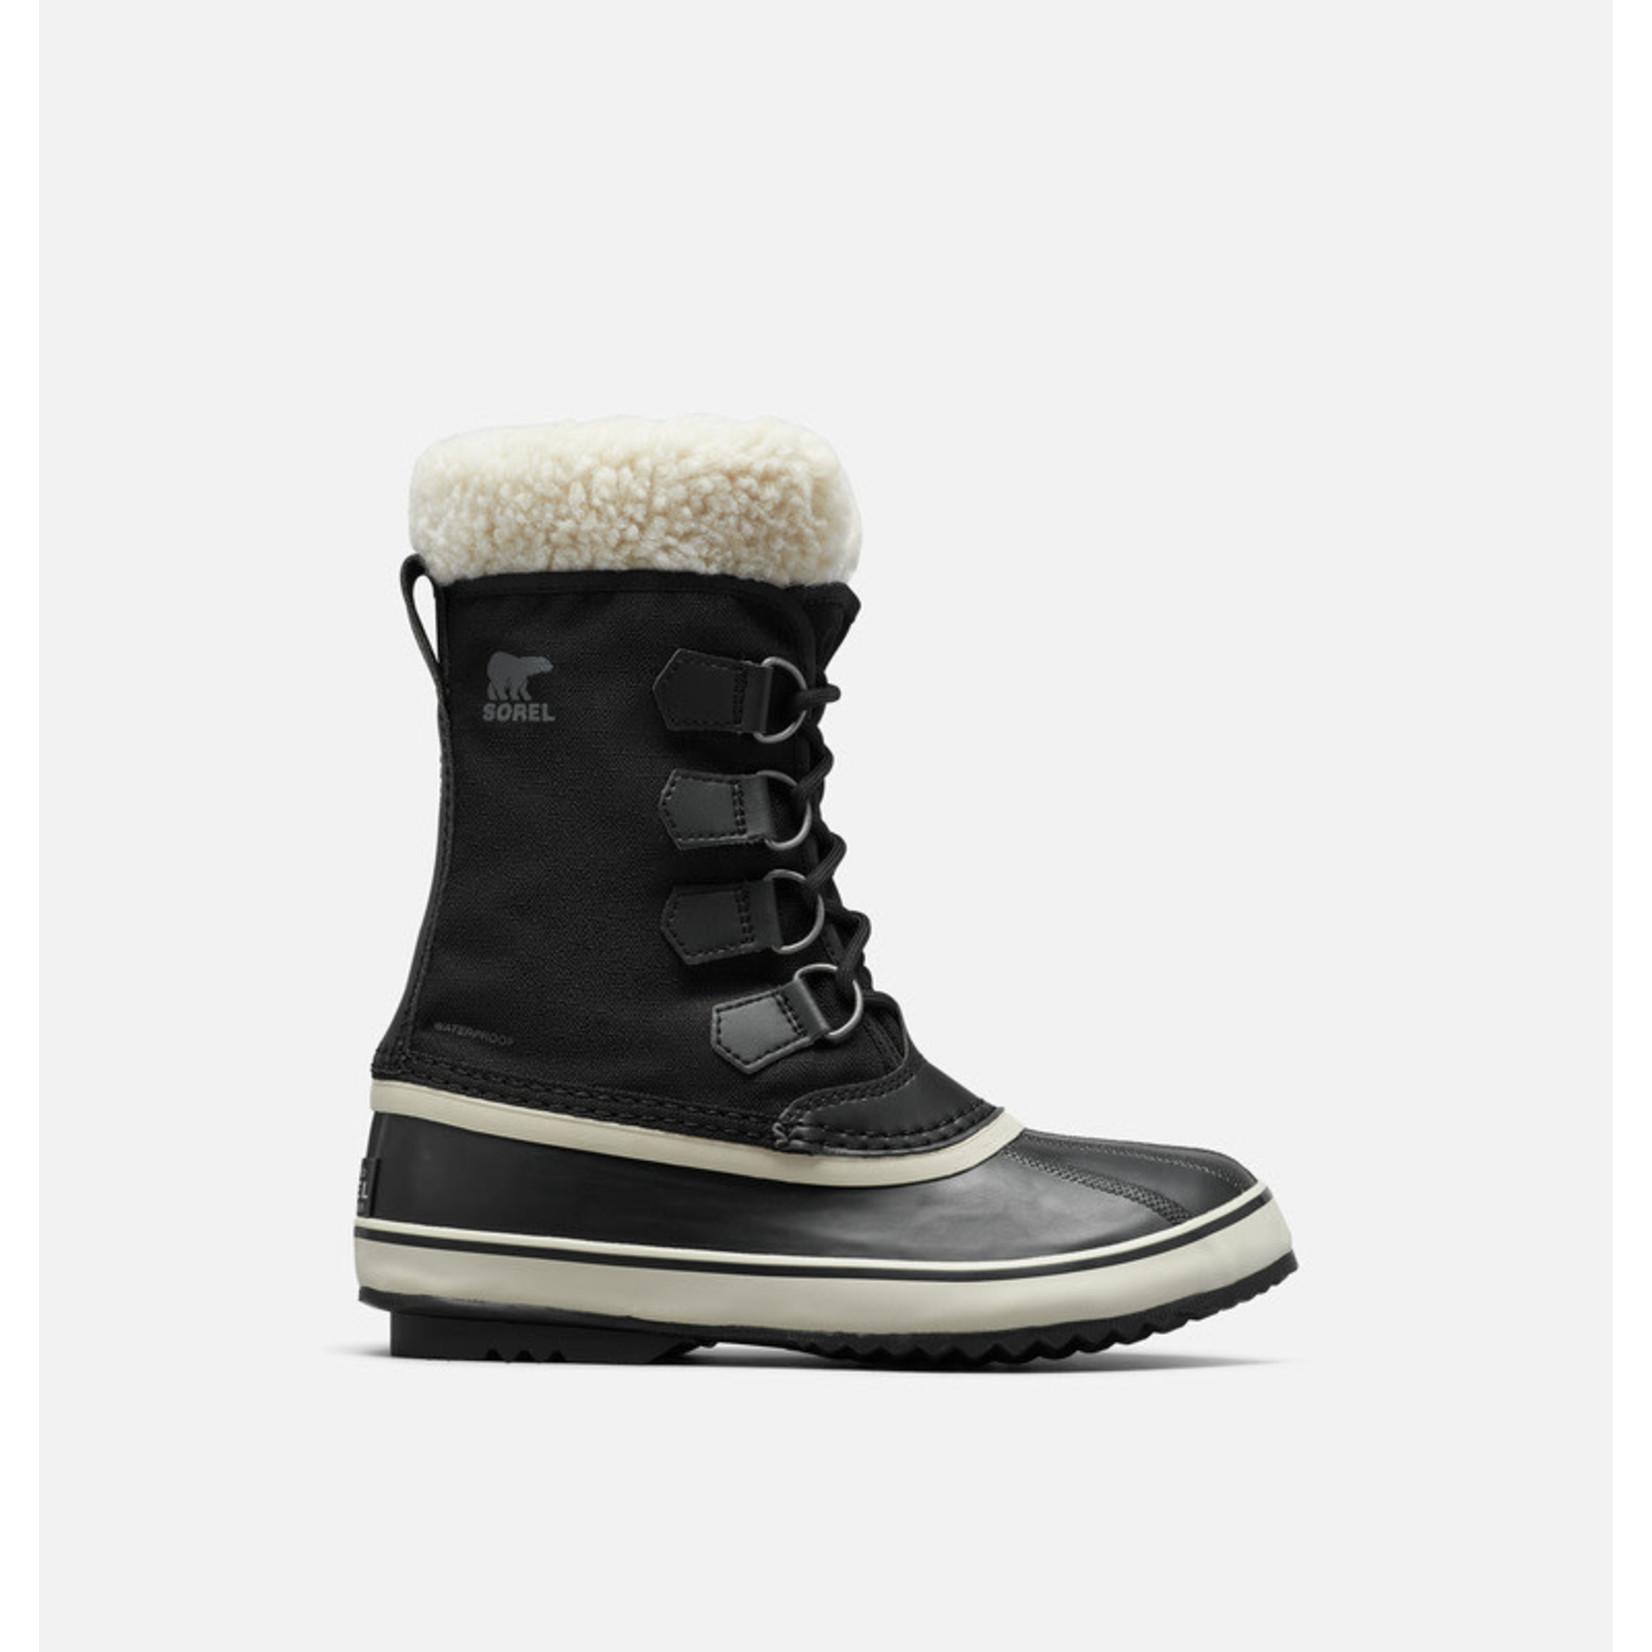 Sorel Sorel Boots, Winter Carnival WP, Ladies